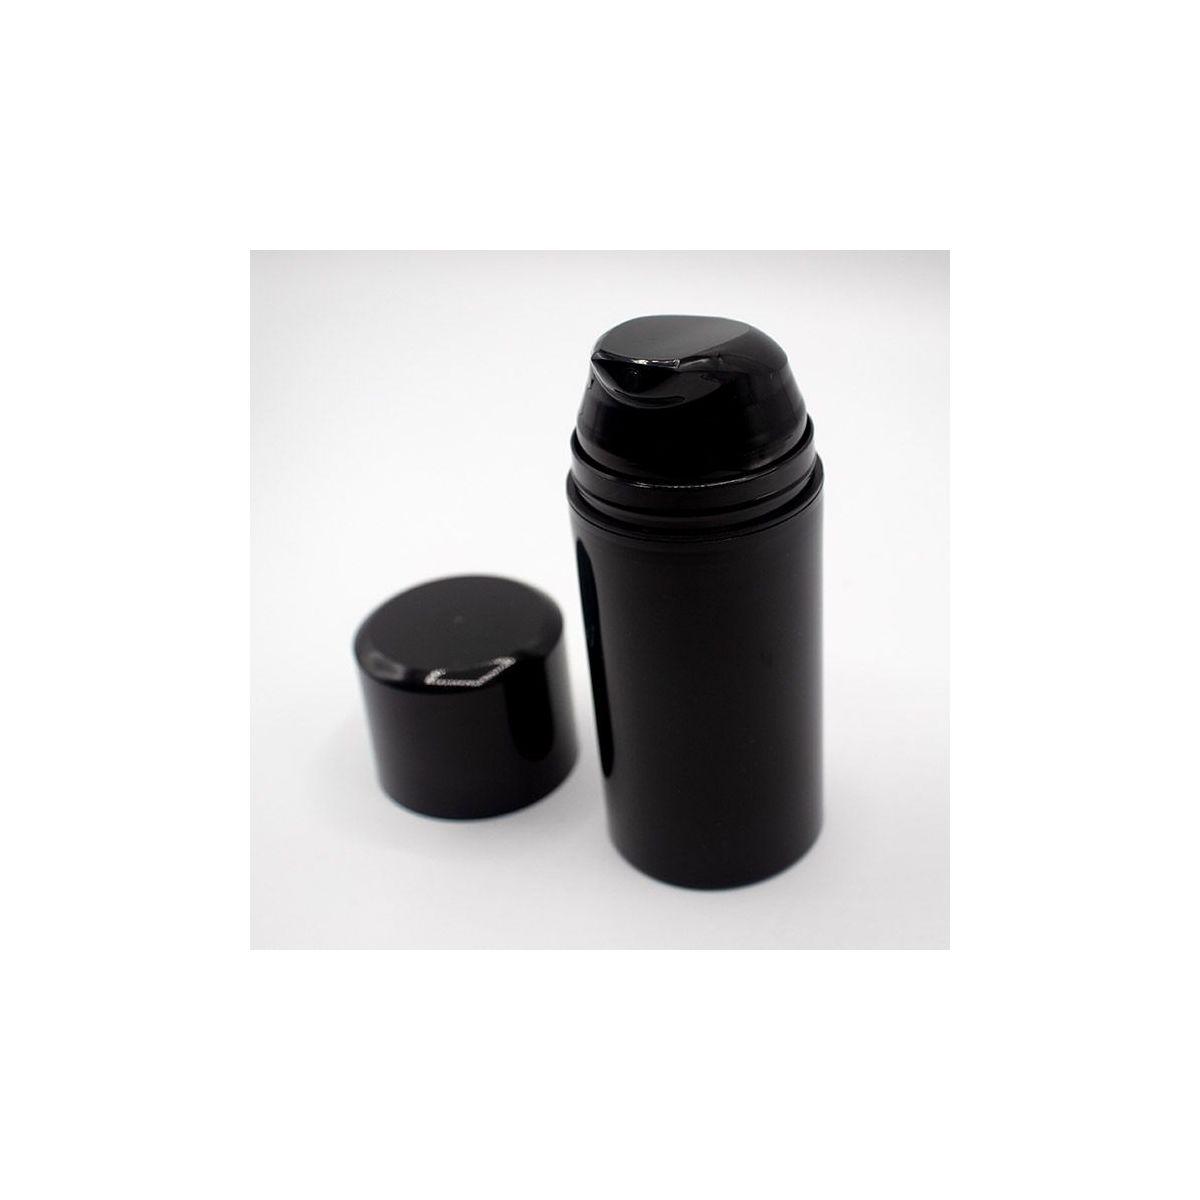 Flacon airless noir 100ml